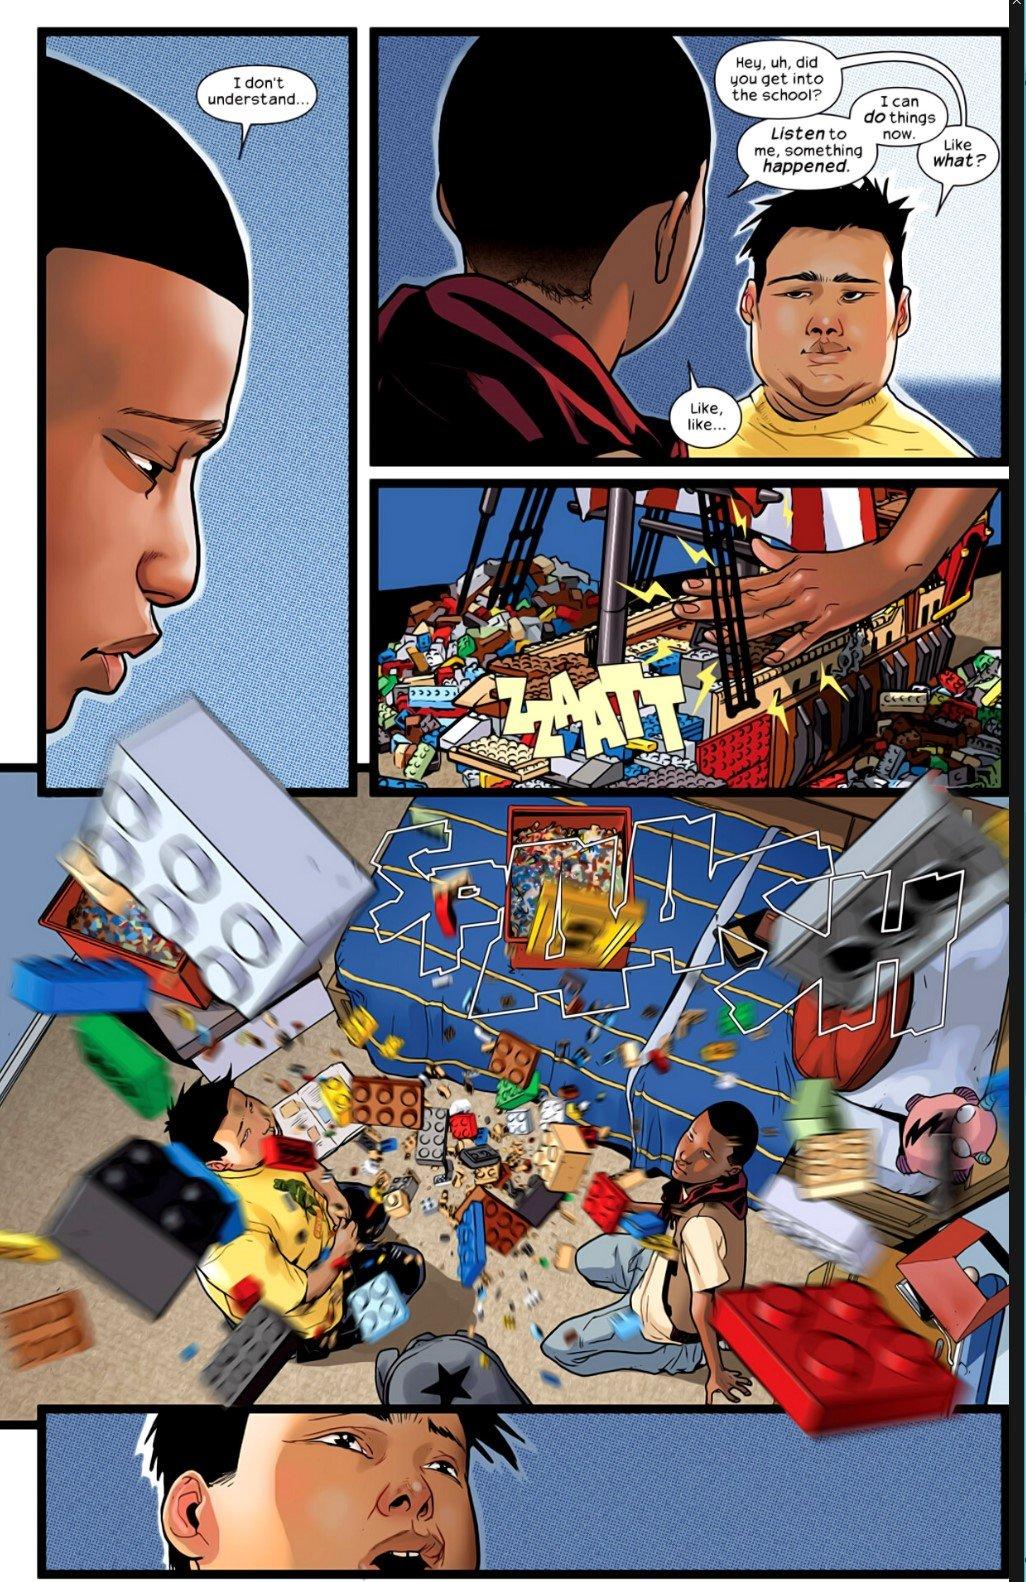 Разбираемтрейлеры «Человек-Паук: Возвращение домой» | Канобу - Изображение 10